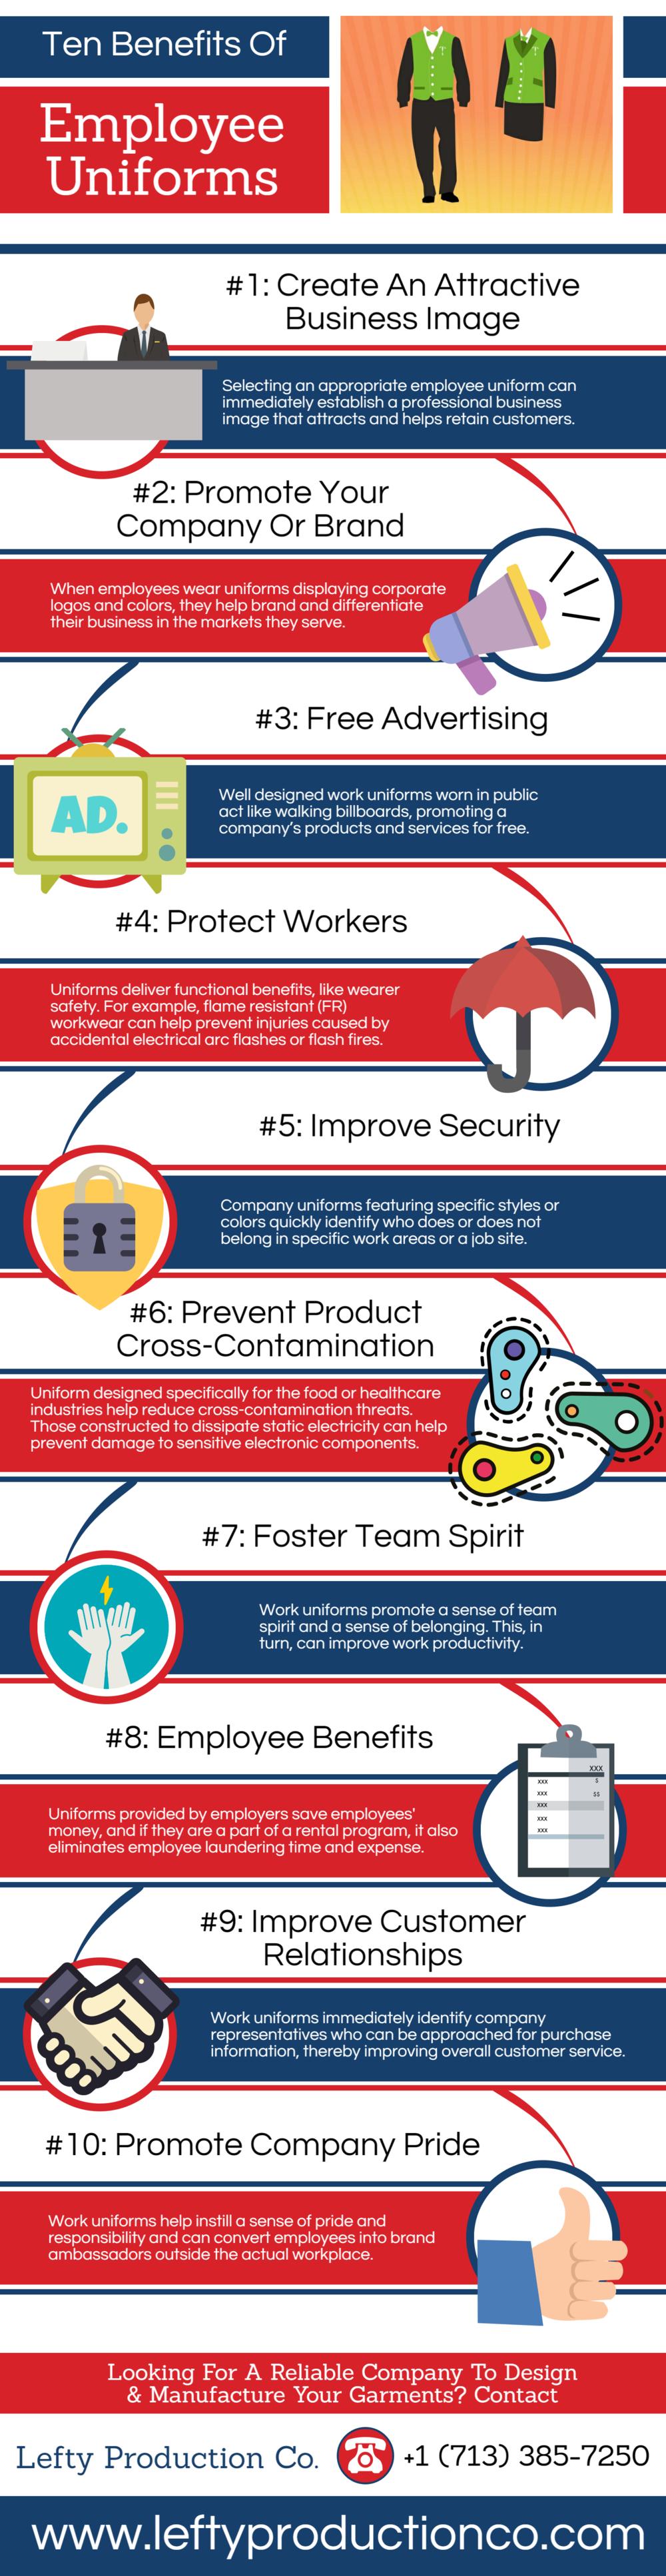 Ten Benefits of Employee Uniforms